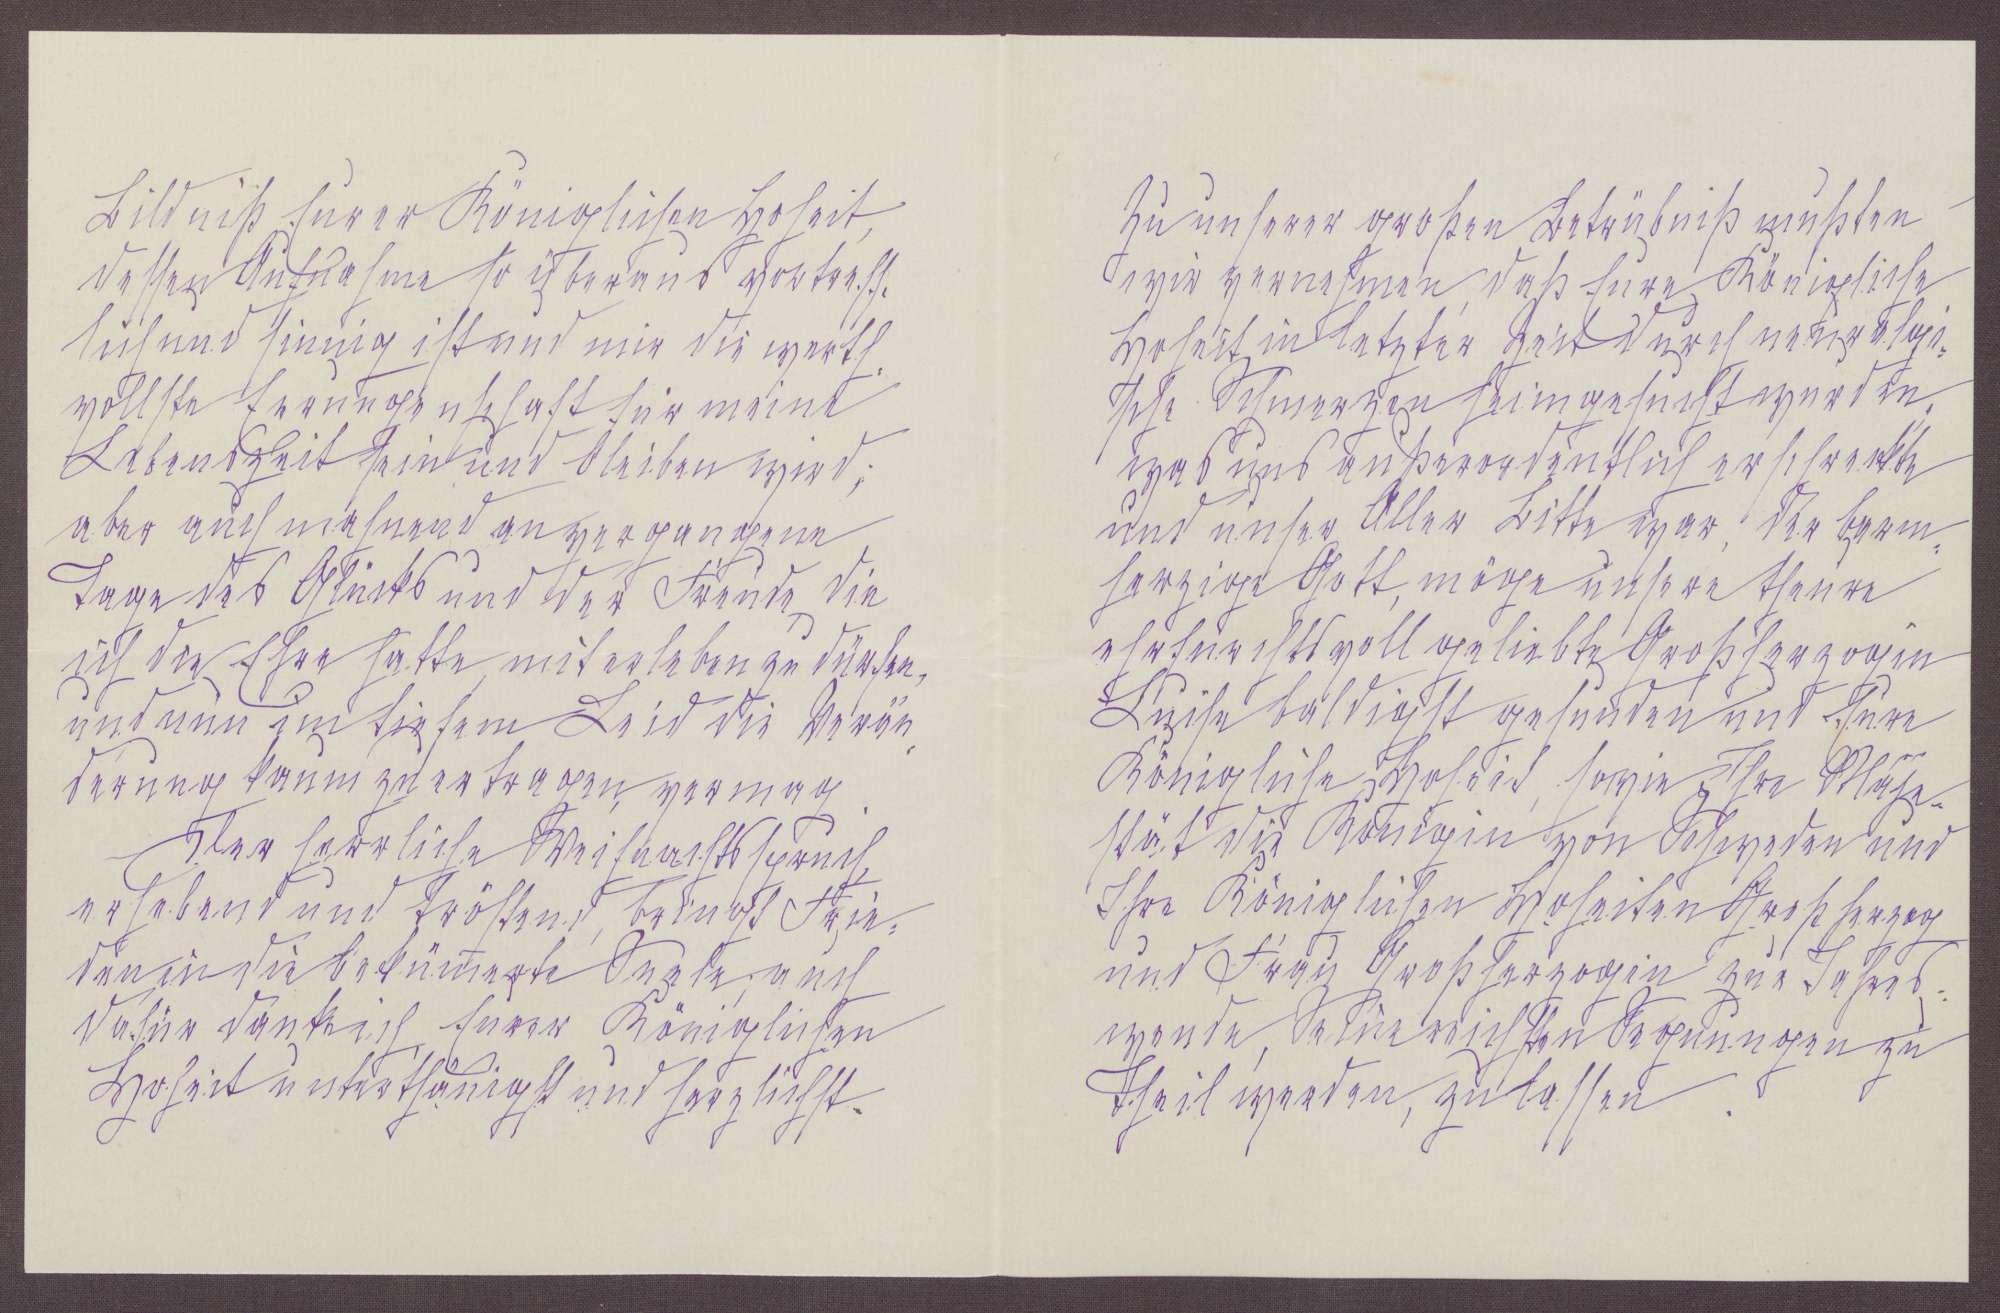 Schreiben von Anna Haas an die Großherzogin Luise; Dank für das Weihnachtsgeschenk und Hoffen auf eine baldige Gesundung der Großherzogin, Bild 2